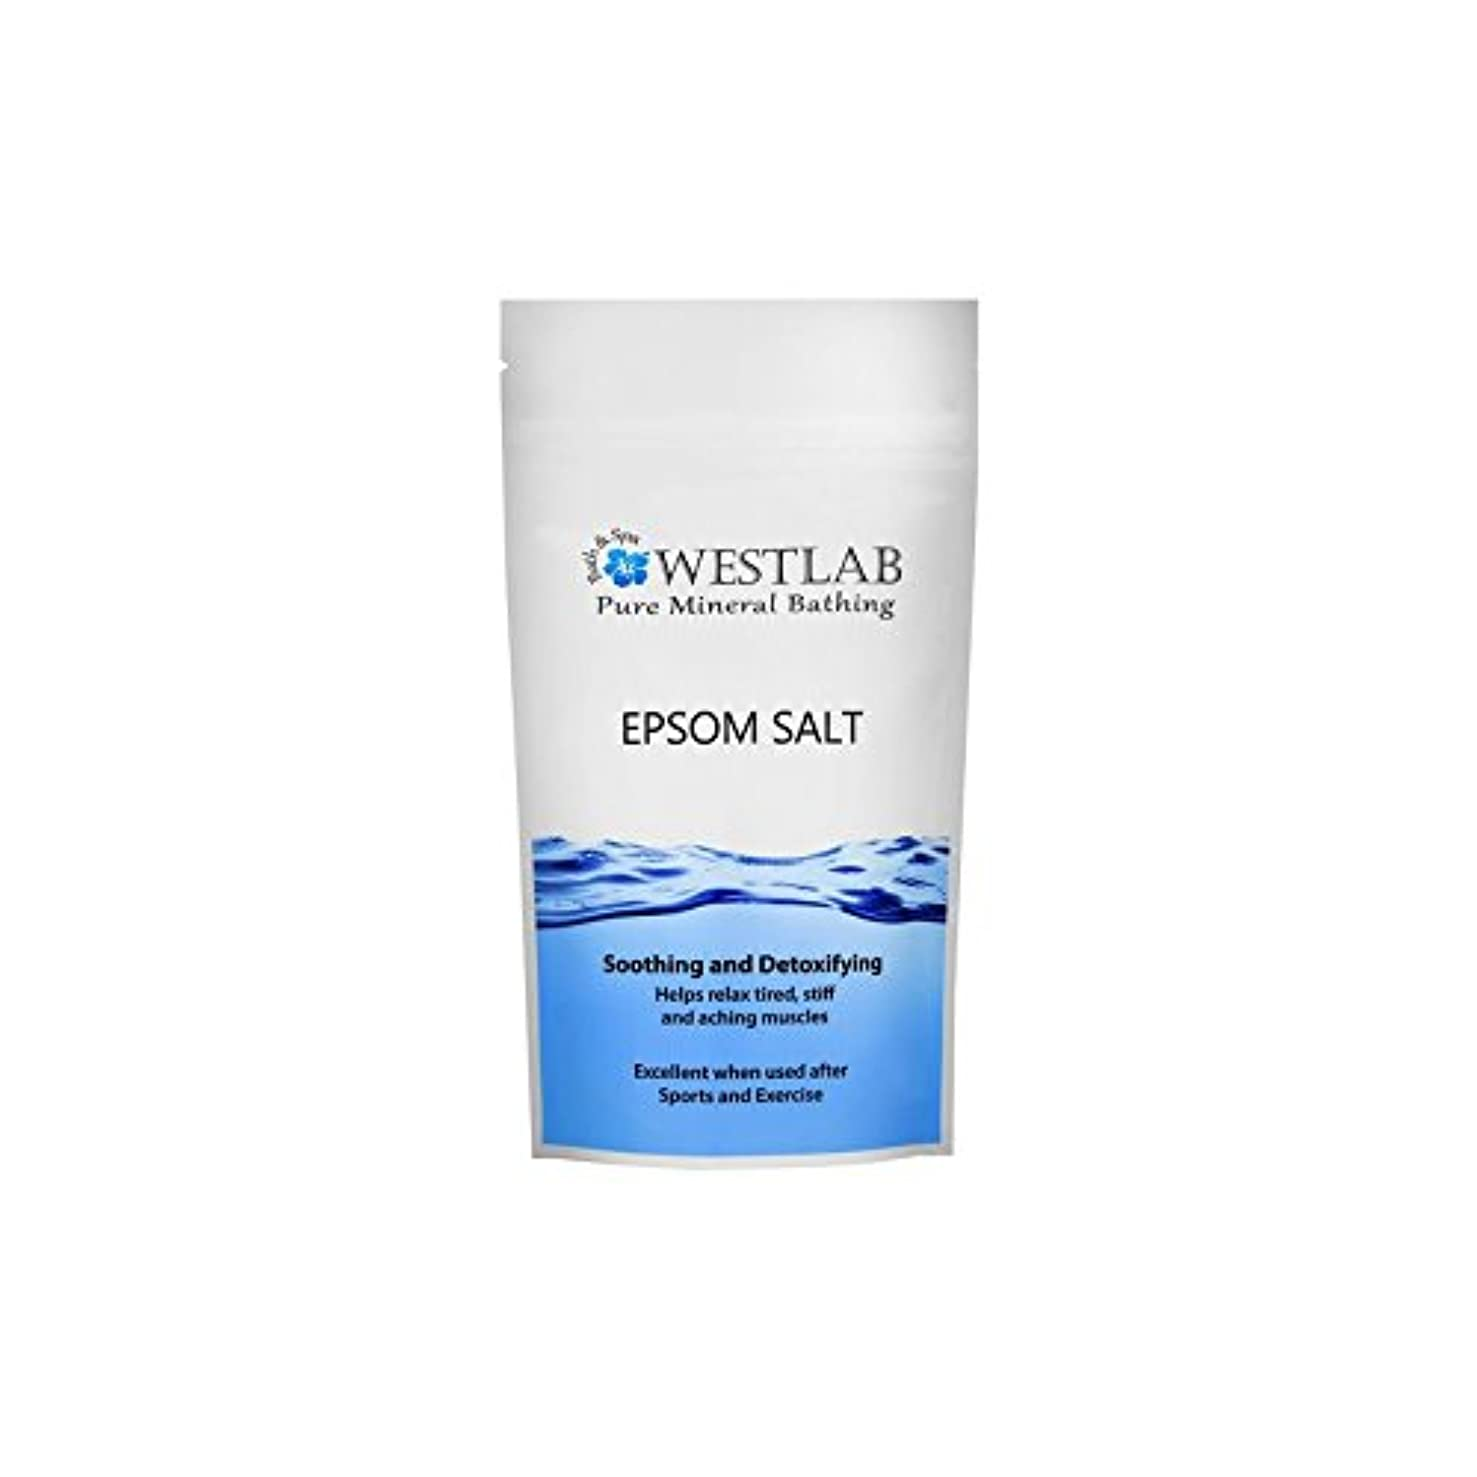 データモットー補償エプソム塩の1キロ x4 - Westlab Epsom Salt 1kg (Pack of 4) [並行輸入品]